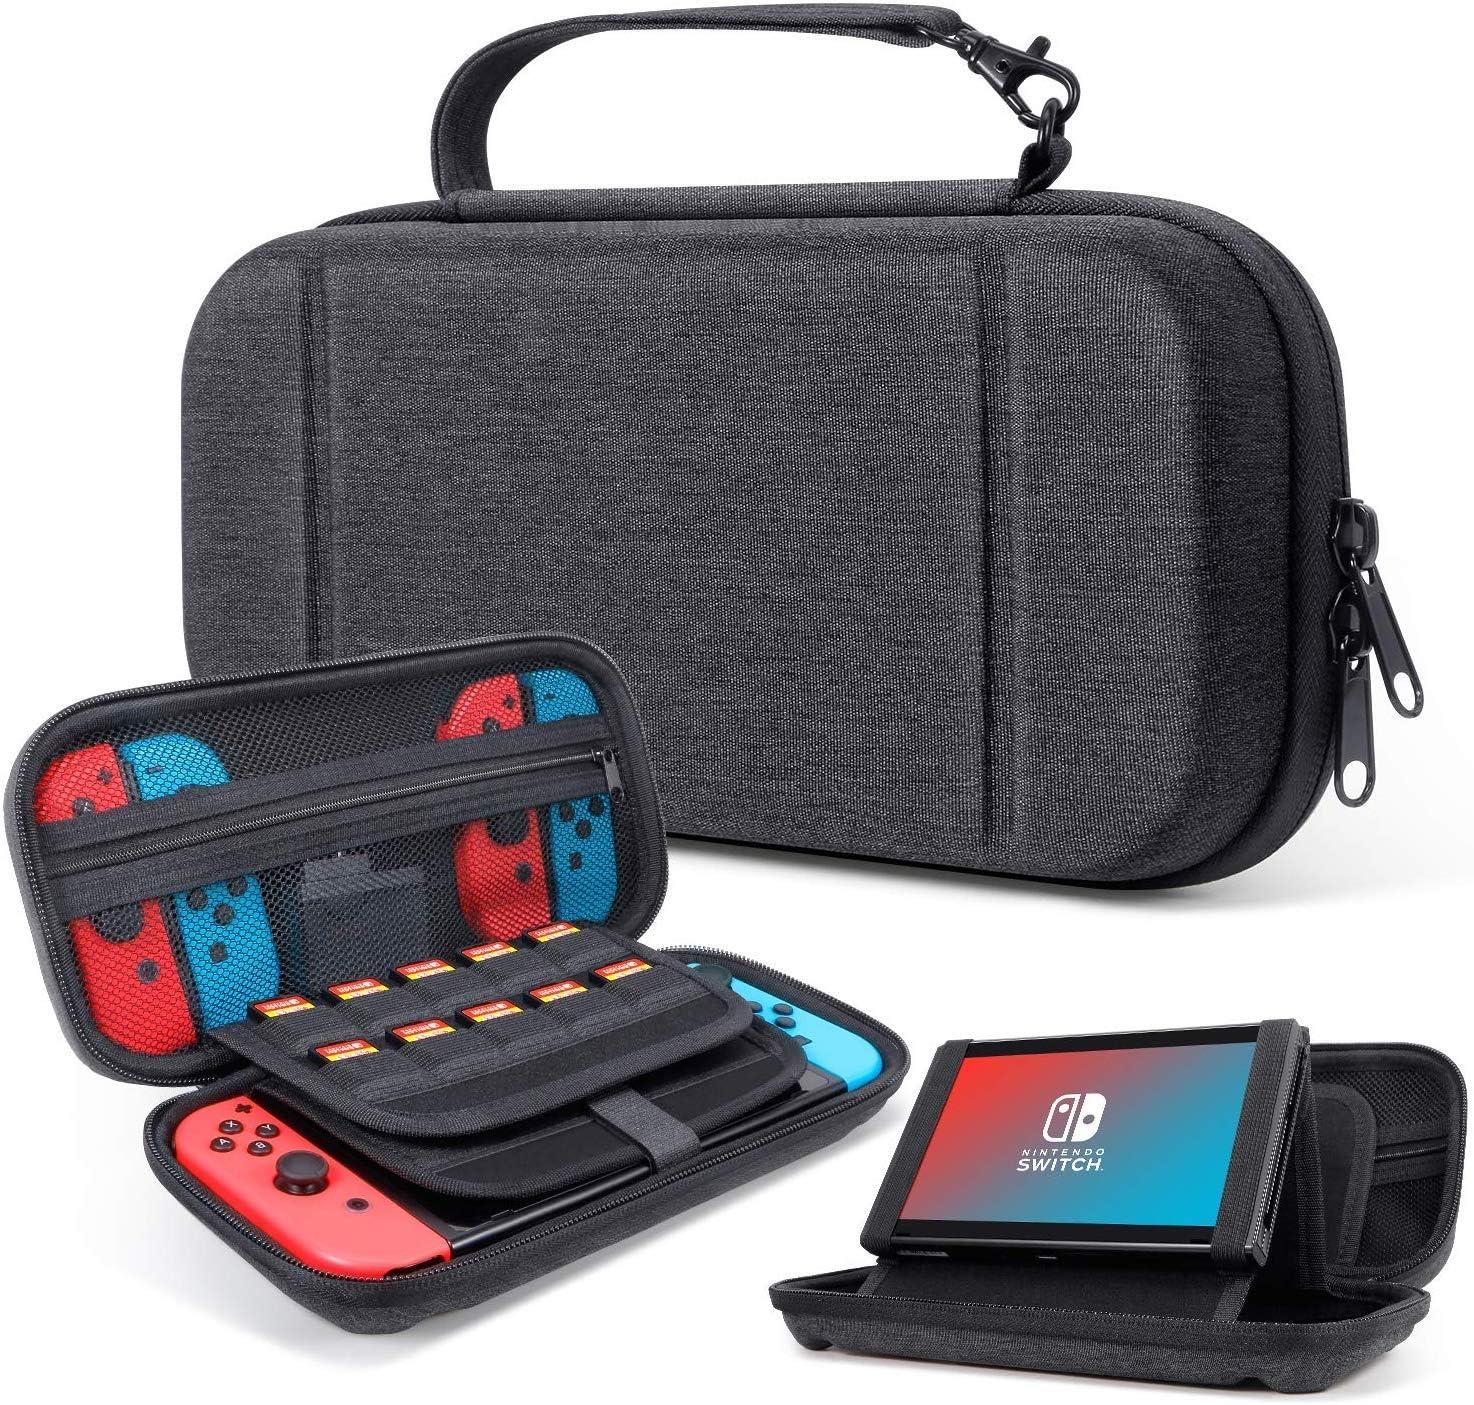 Pala de tenis para Mario Tennis Aces – Nintendo Switch Joy-Con Controllers – Accesorios de juego (azul y rojo 2 unidades) (rojo): Amazon.es: Electrónica